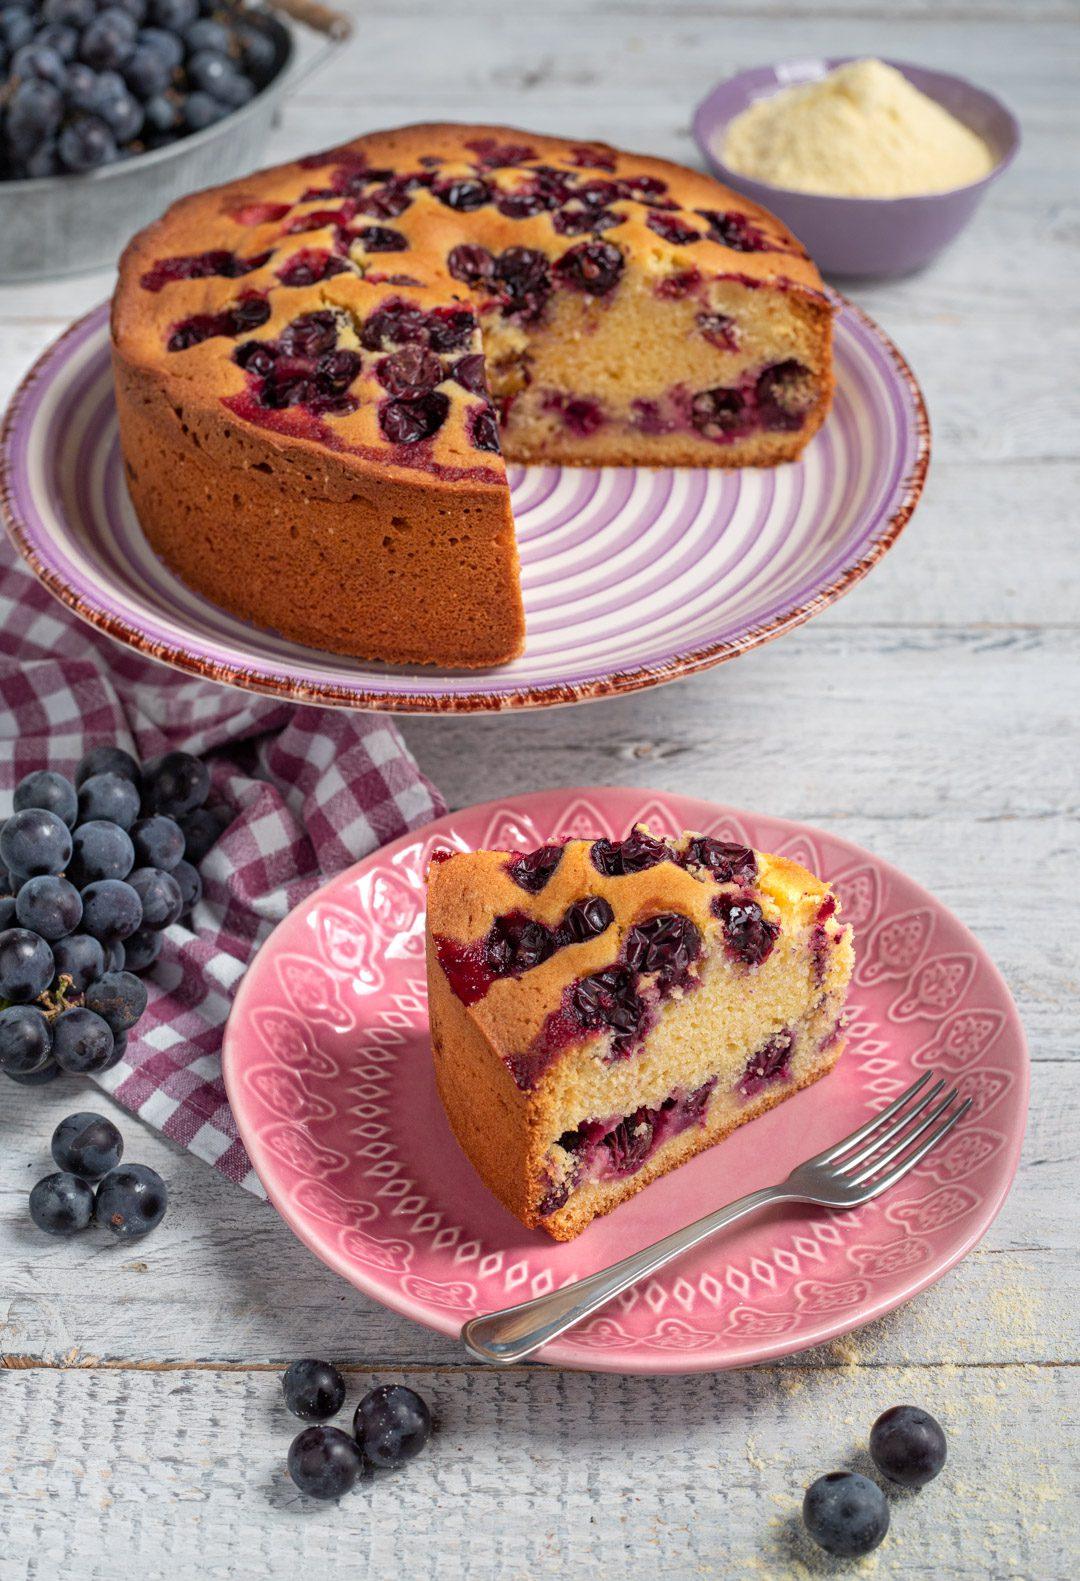 Torta Bertolina fetta tagliata e pronta da gustare